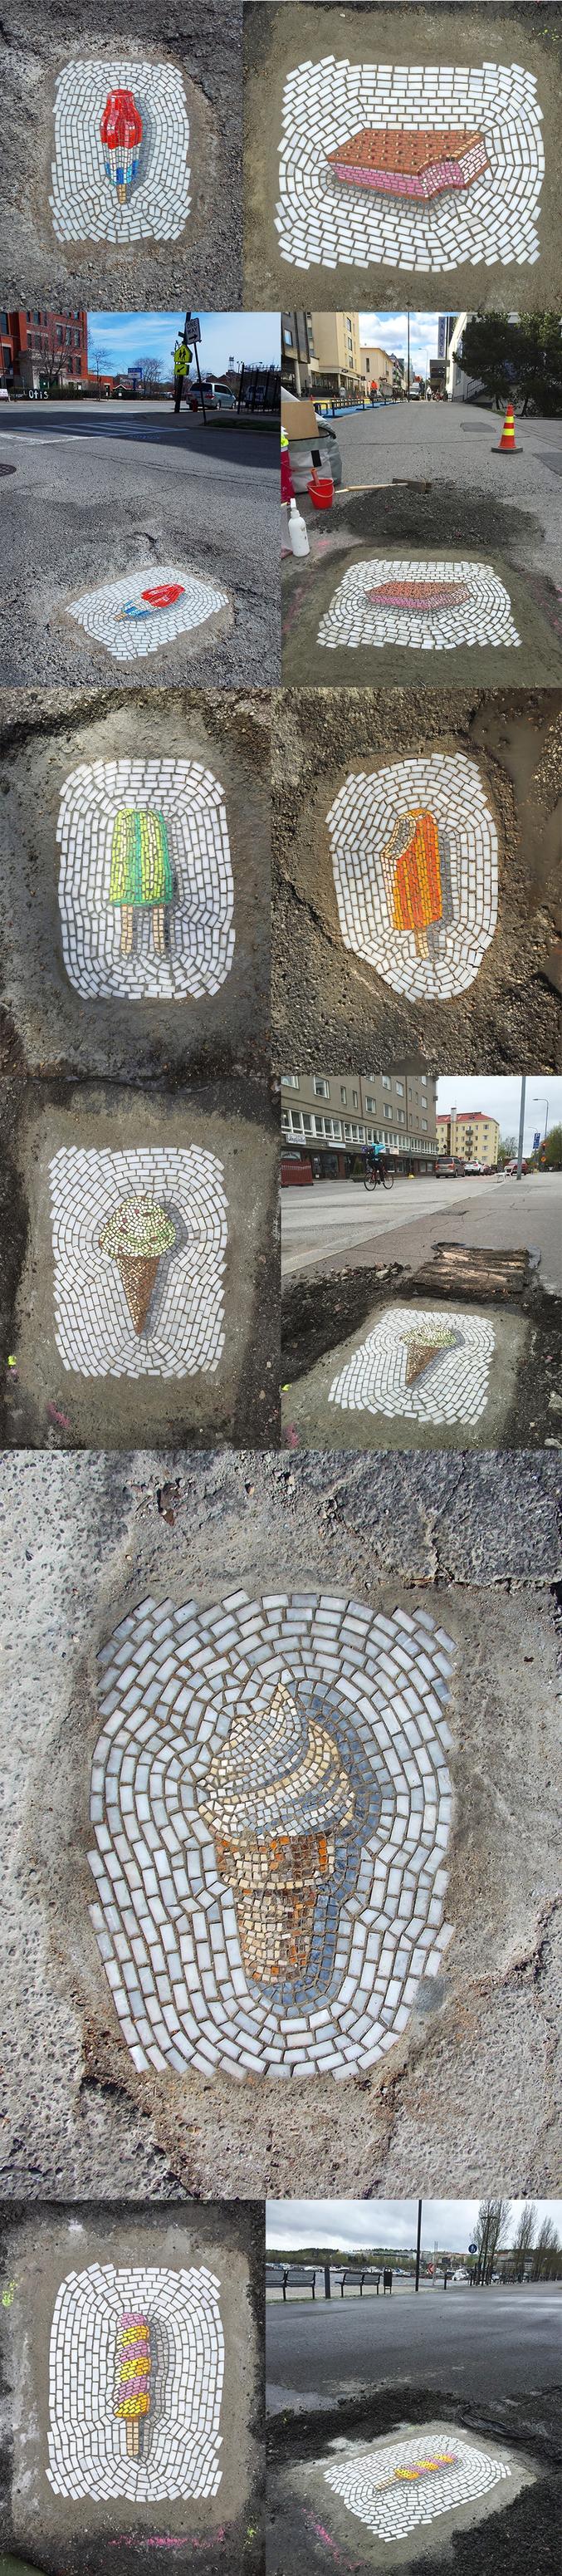 L'artiste Jim Bachor a rebouché les nids-de-poules des rues de Chicago avec des mosaïques.